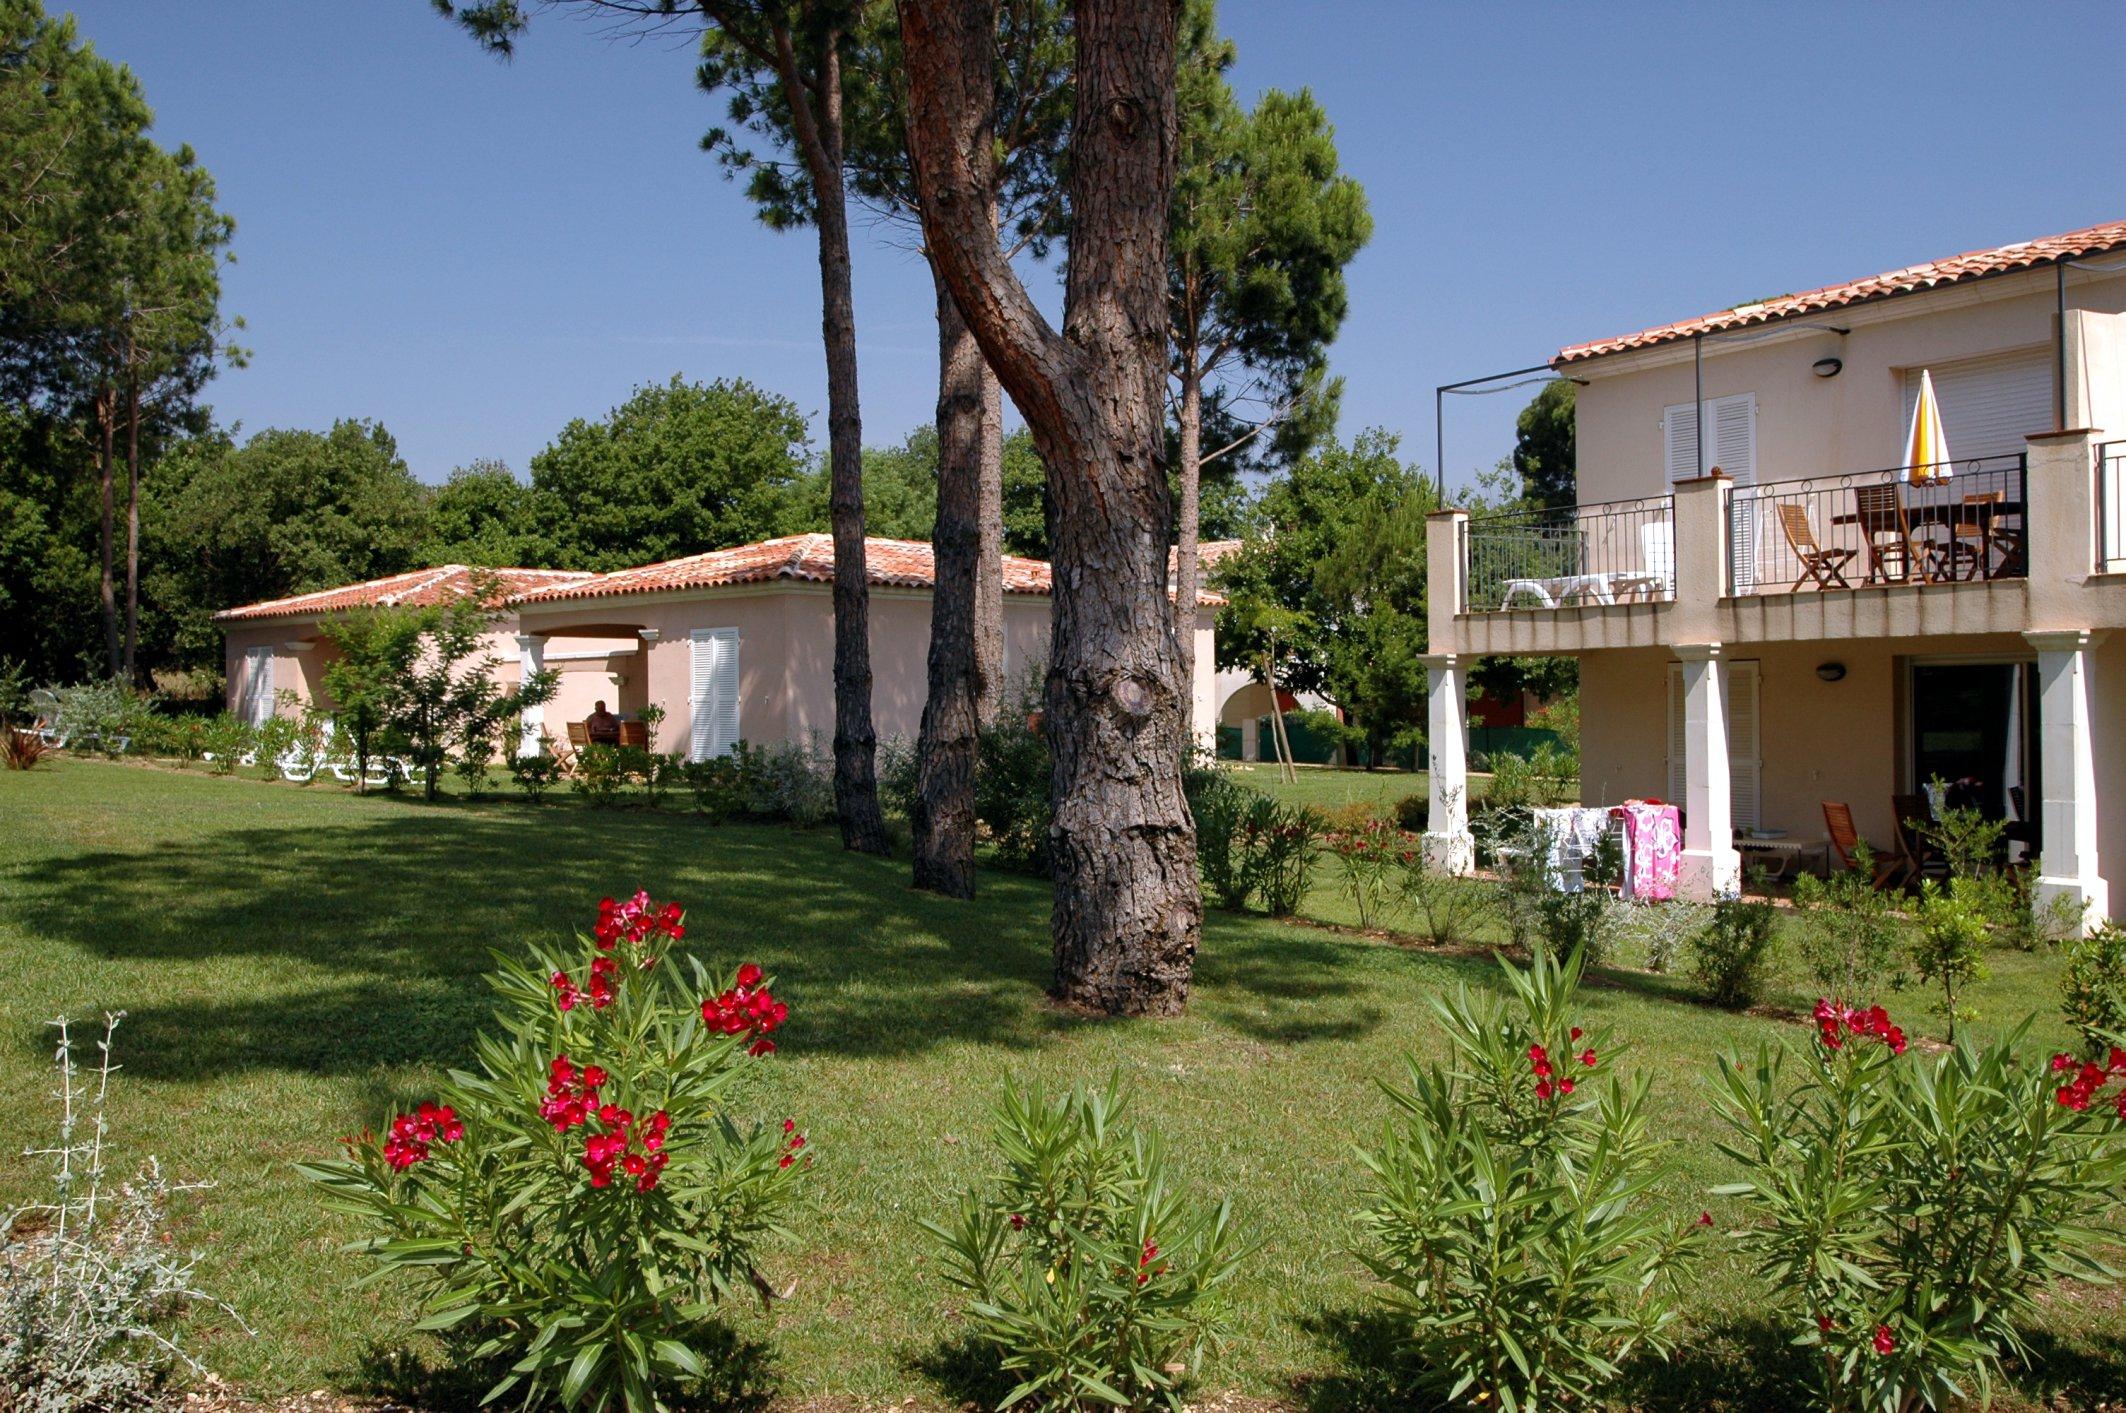 Ferienwohnung Gassin/St. Tropez 3p6 Le Clos-RDC/É (1063857), Gassin, Côte d'Azur, Provence - Alpen - Côte d'Azur, Frankreich, Bild 17